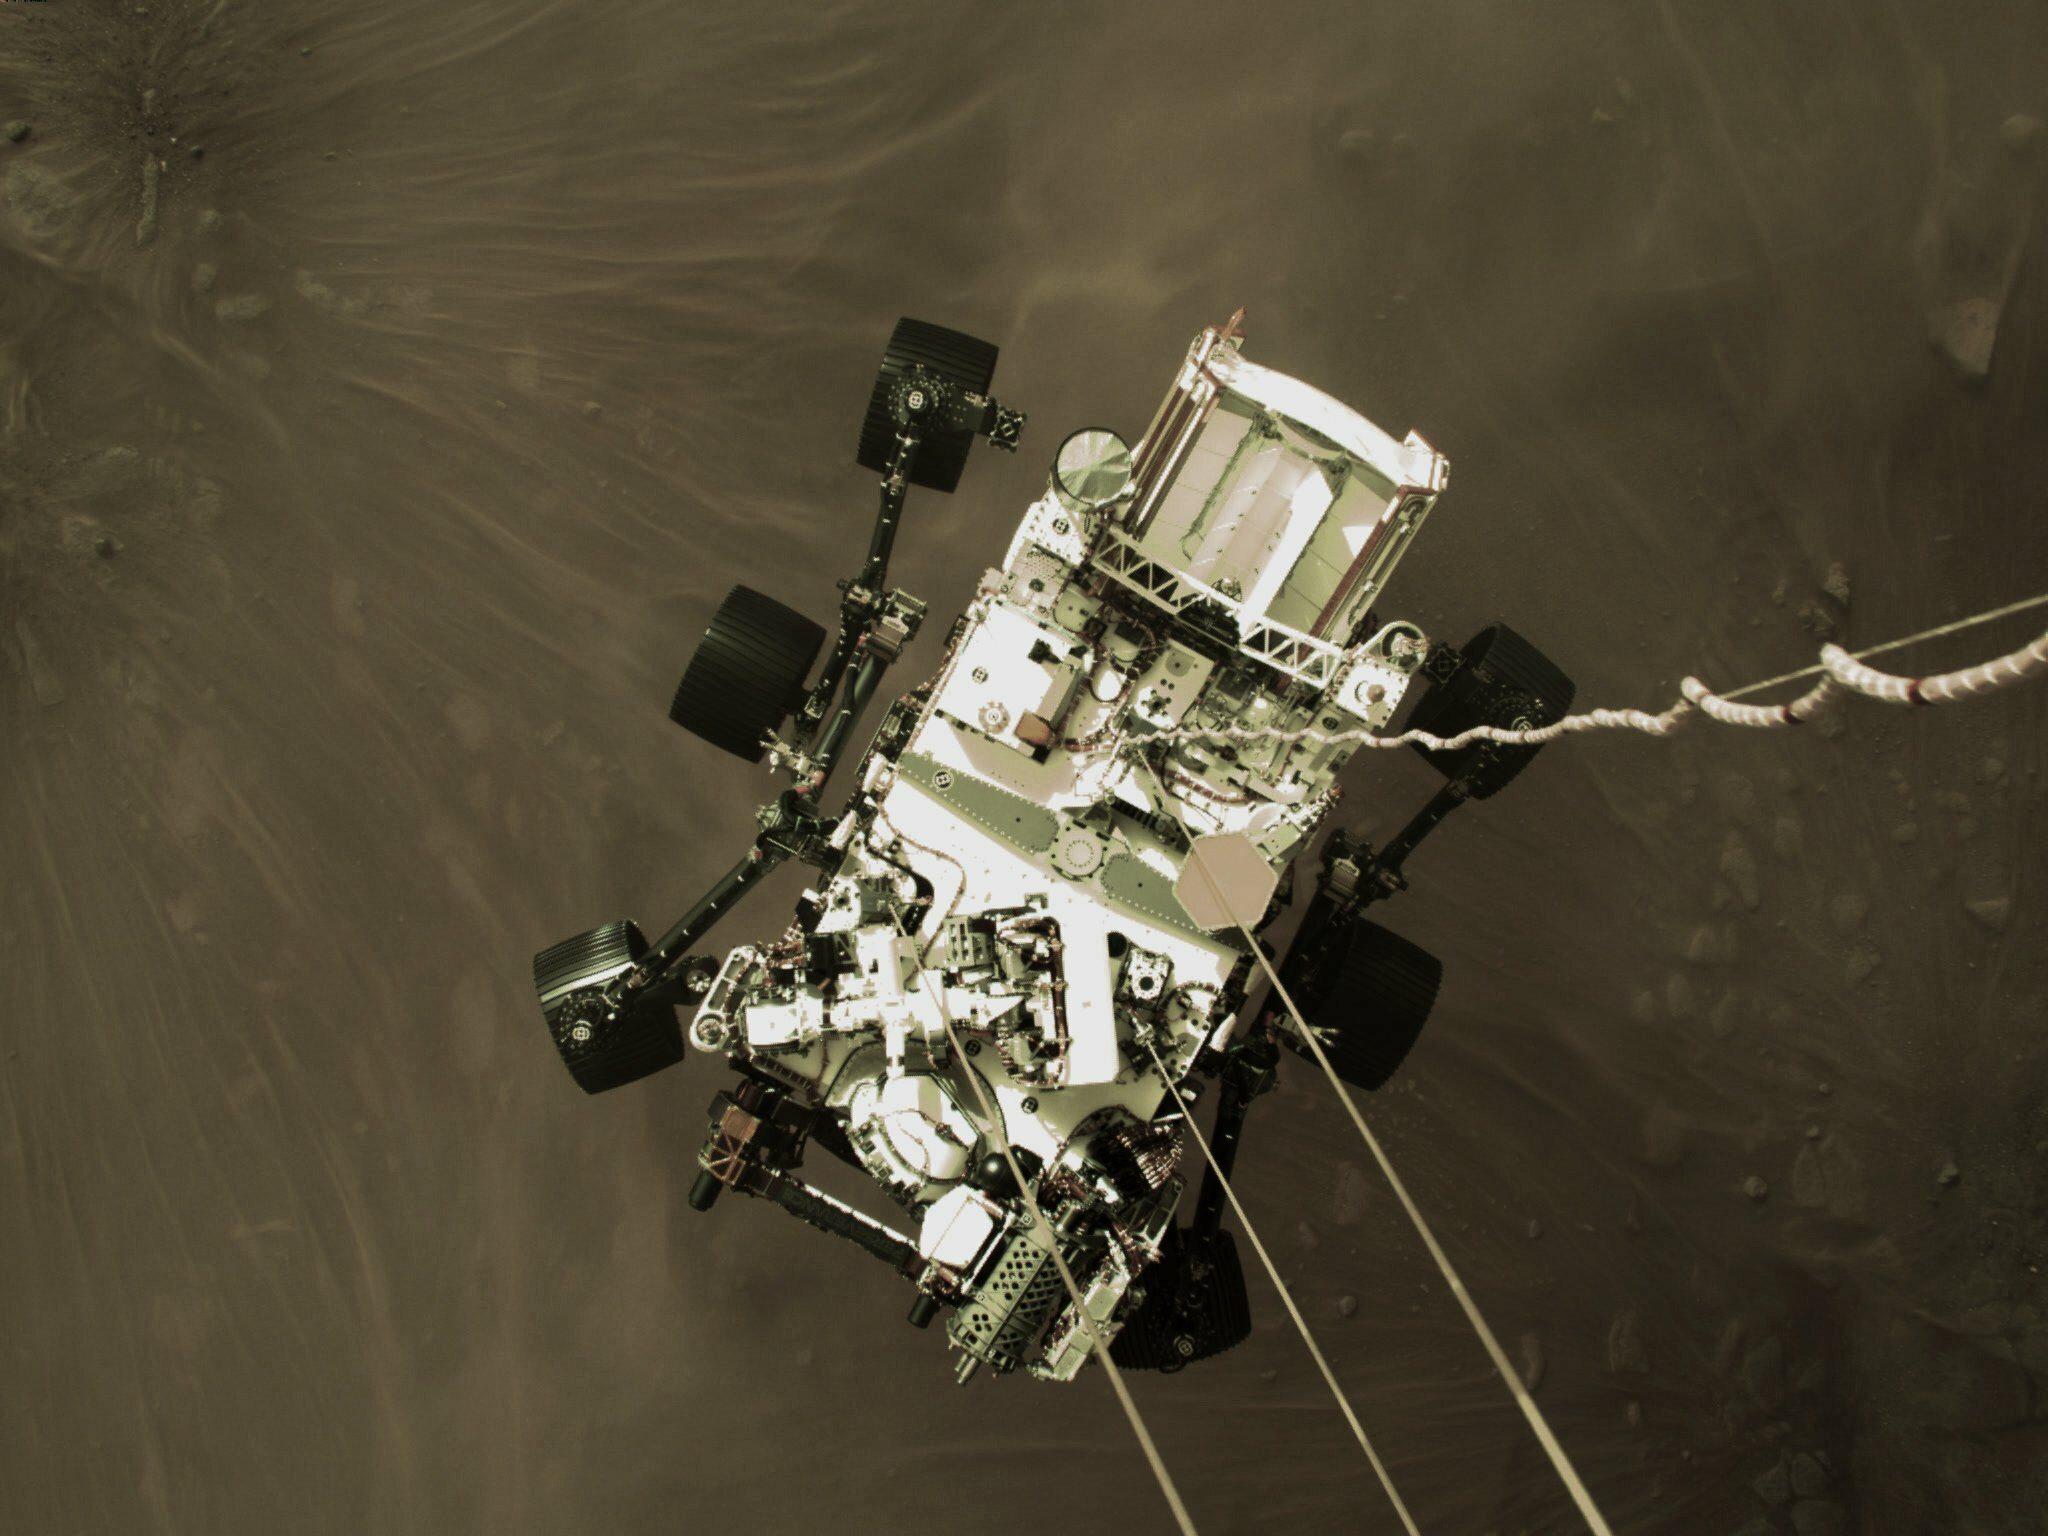 Zdjęcia łazika Perseverance na Marsie